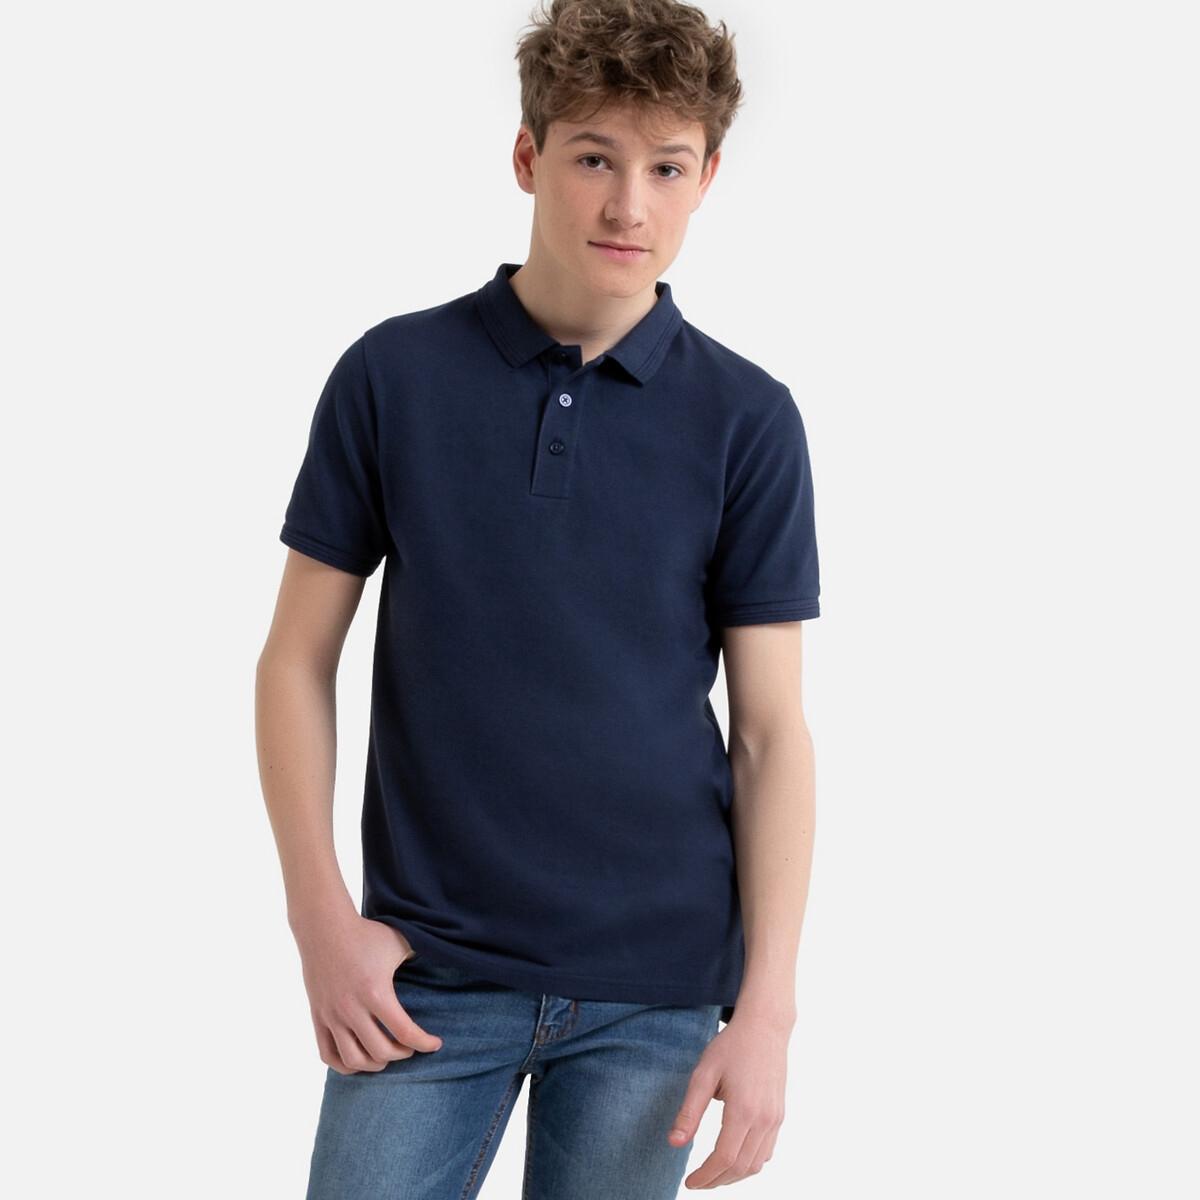 Футболка-поло LaRedoute С короткими рукавами из трикотажа пике 10-16 лет 14 лет - 162 см синий футболка поло la redoute из трикотажа пике shaker xxl синий